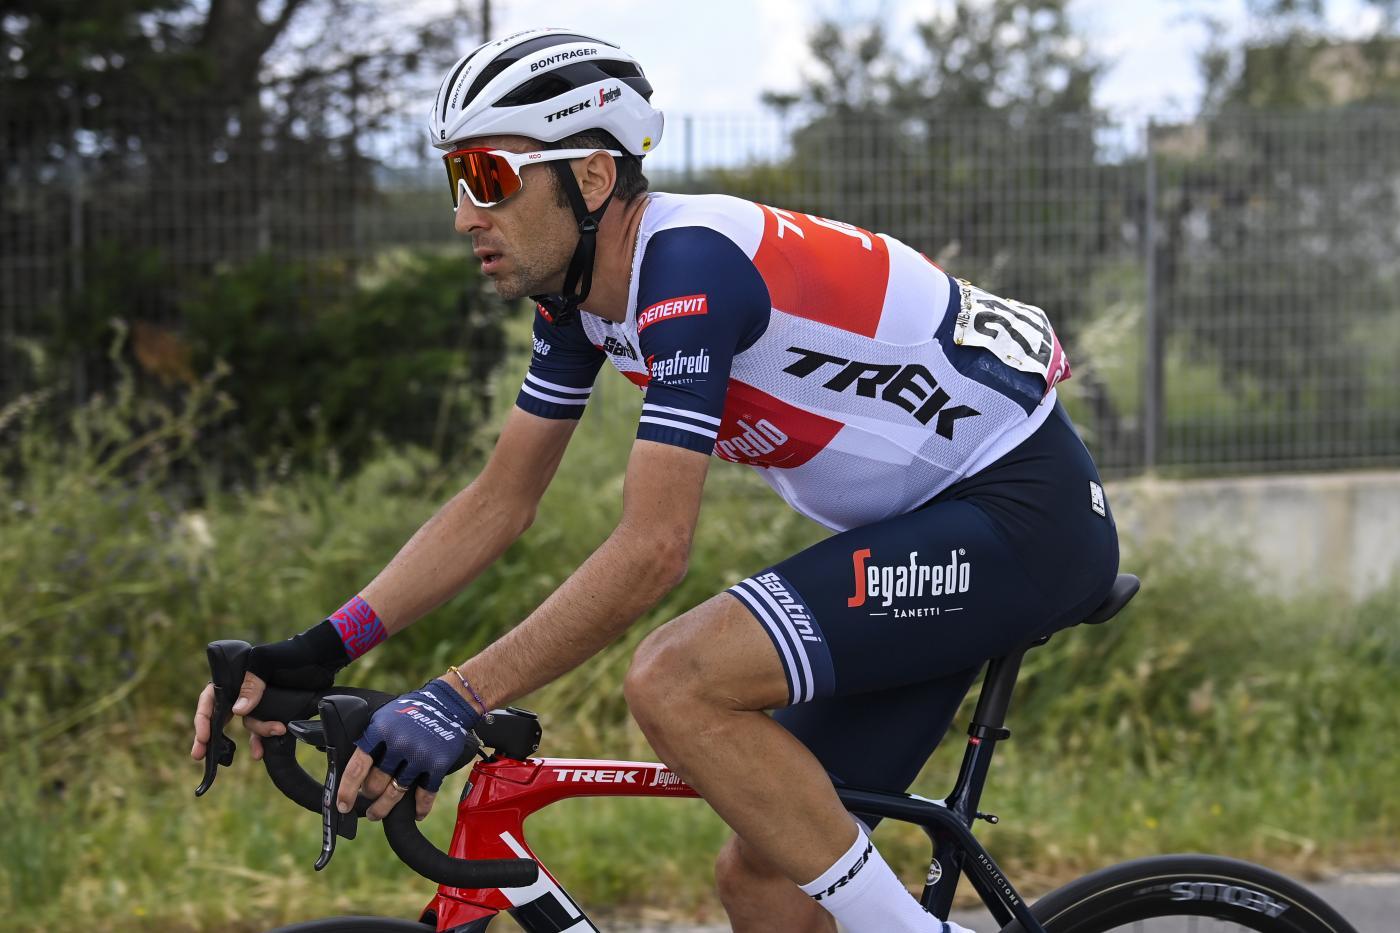 Giro d'Italia 2021: Vincenzo Nibali perde secondi, resiste e attende momenti migliori. Non è ancora spacciato